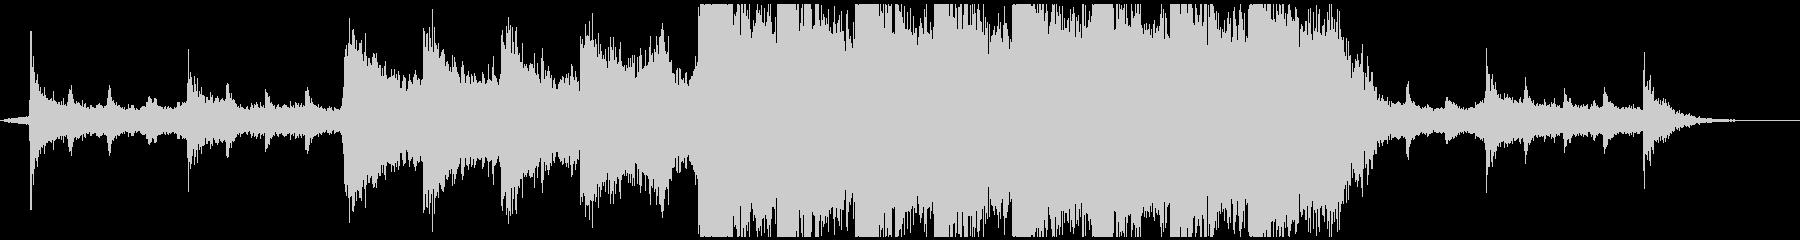 Horizon IIIの未再生の波形